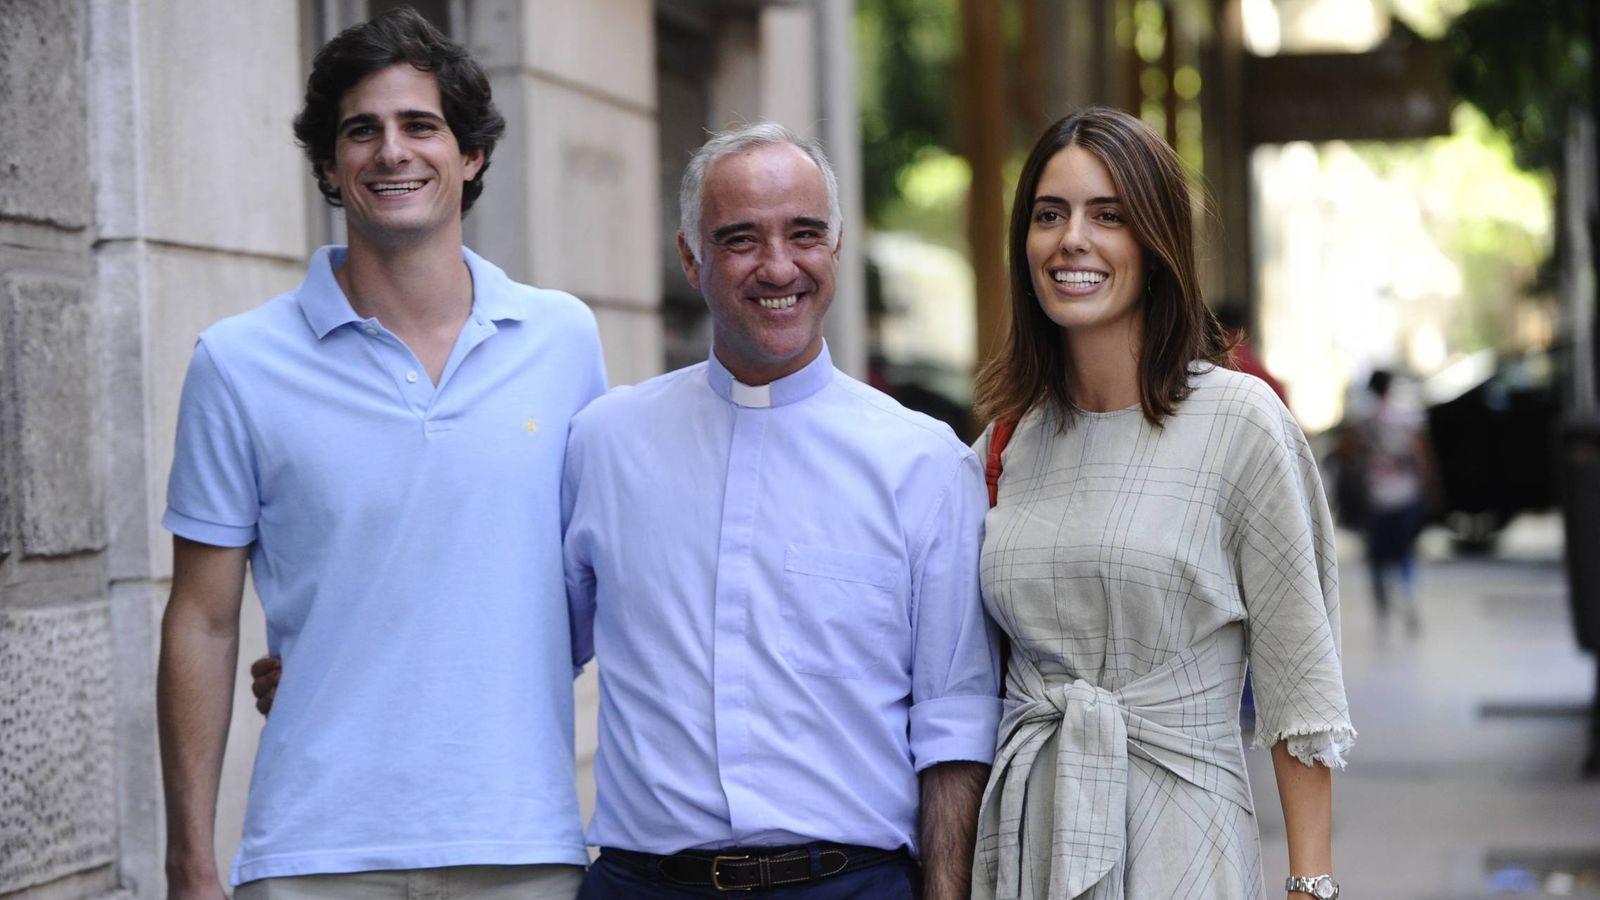 Foto: Fernando y Sofia, con el padre Sánchez Dalp, horas antes de su boda. (Cordon Press)